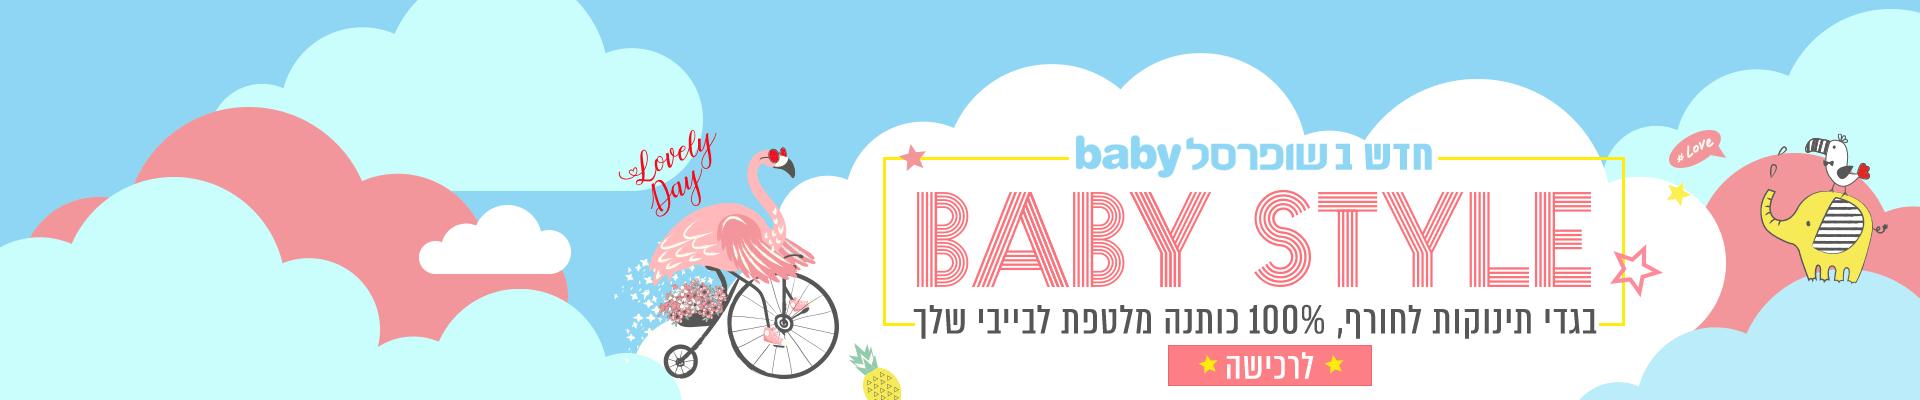 חדש בשופרסל בייבי BABY STYLE בגדי תינוקות לחורף 100% כותנה מלטפת לבייבי שלך